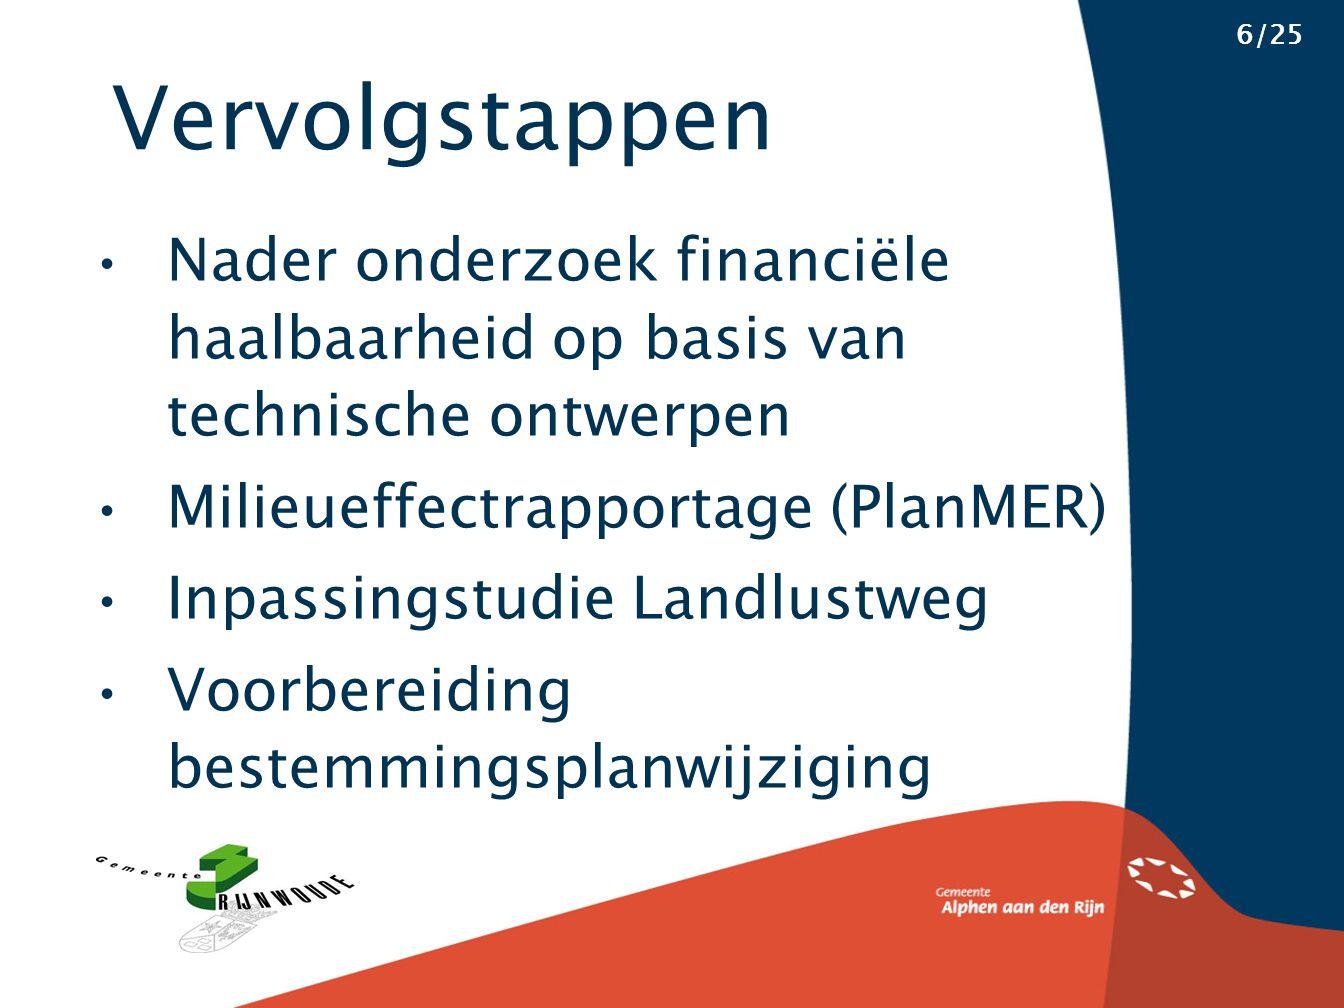 Vervolgstappen 6/25 Nader onderzoek financiële haalbaarheid op basis van technische ontwerpen Milieueffectrapportage (PlanMER) Inpassingstudie Landlus